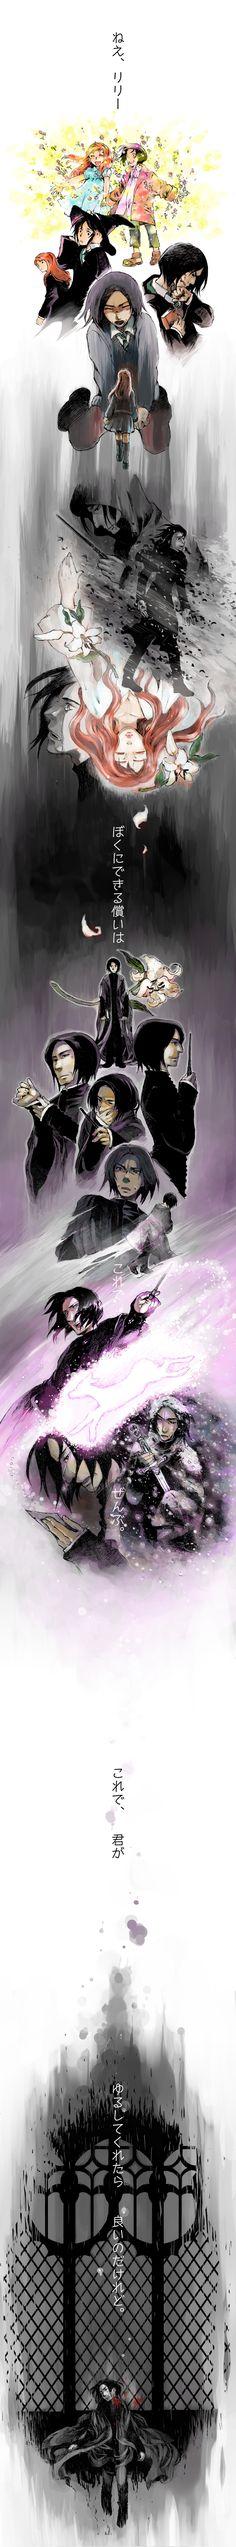 Tags: Anime, Fanart, Harry Potter, Pixiv, Severus Snape